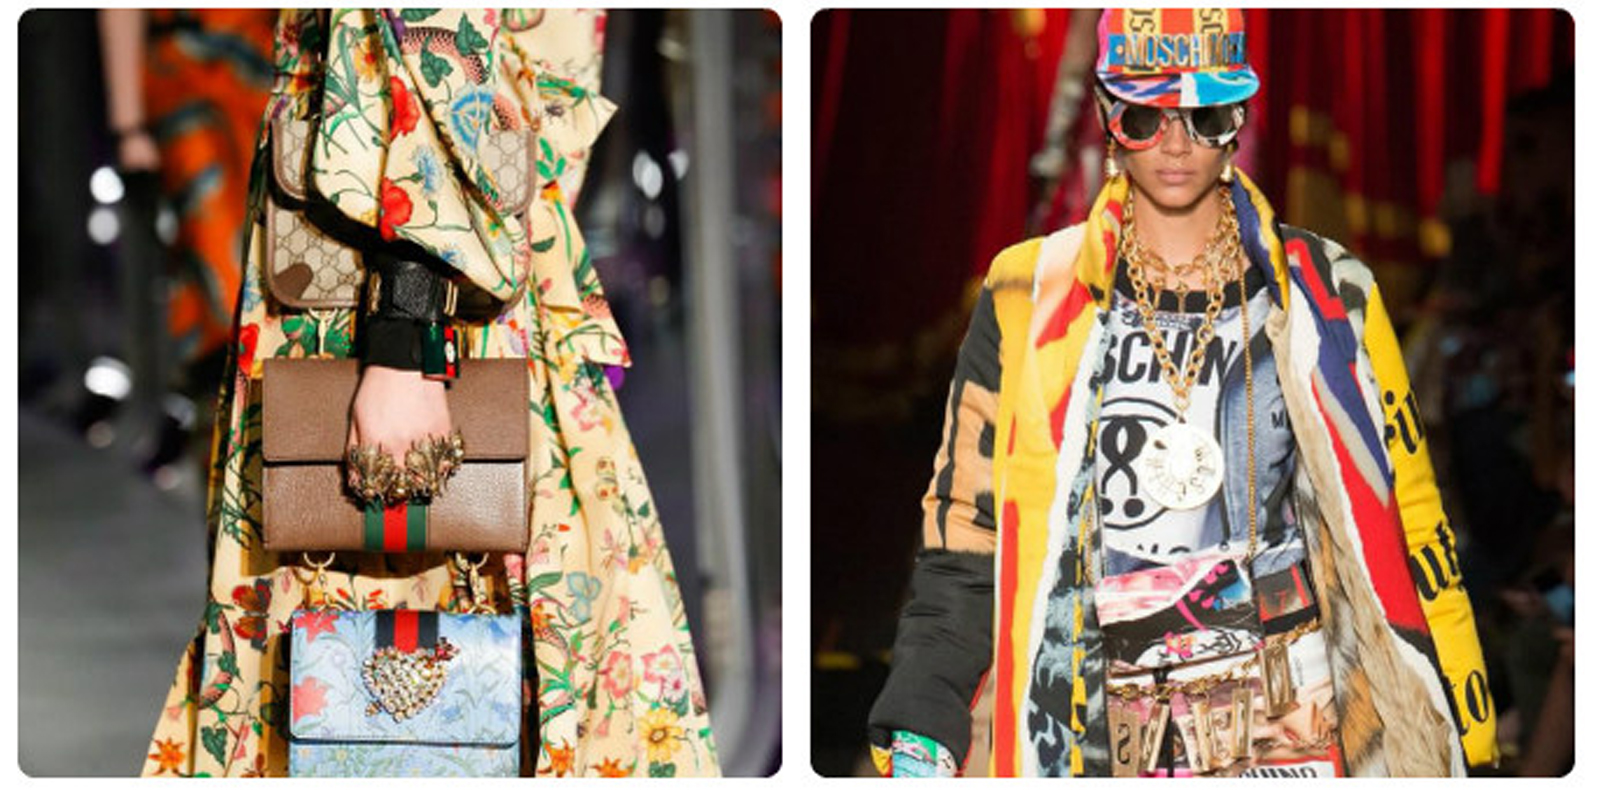 13 xu hướng trang sức độc đáo tại Milan Fashion Week 2017-2018